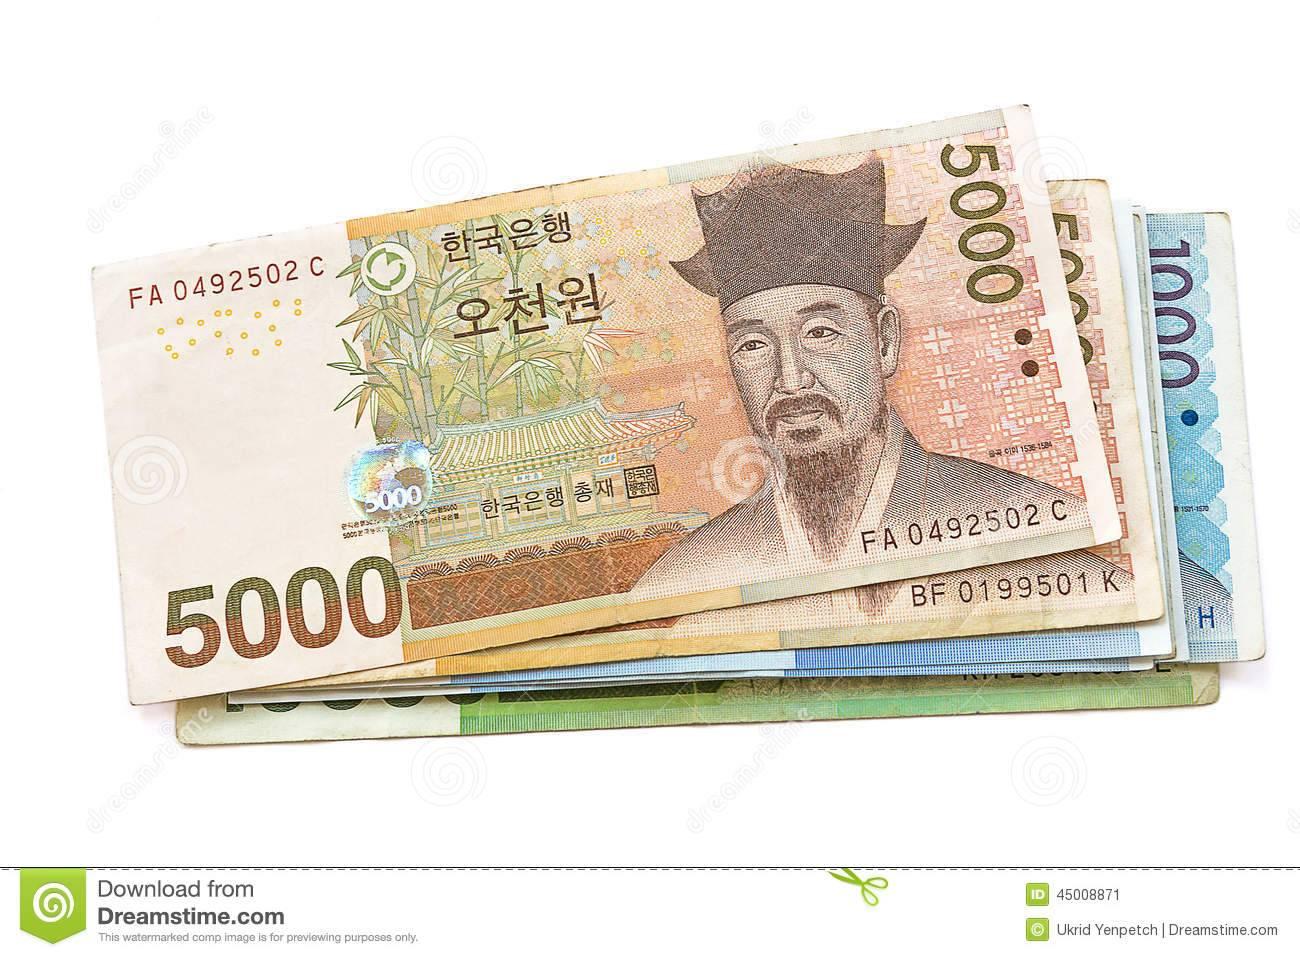 1000 южнокорейских вон (krw) в казахстанских тенге (kzt) на сегодня